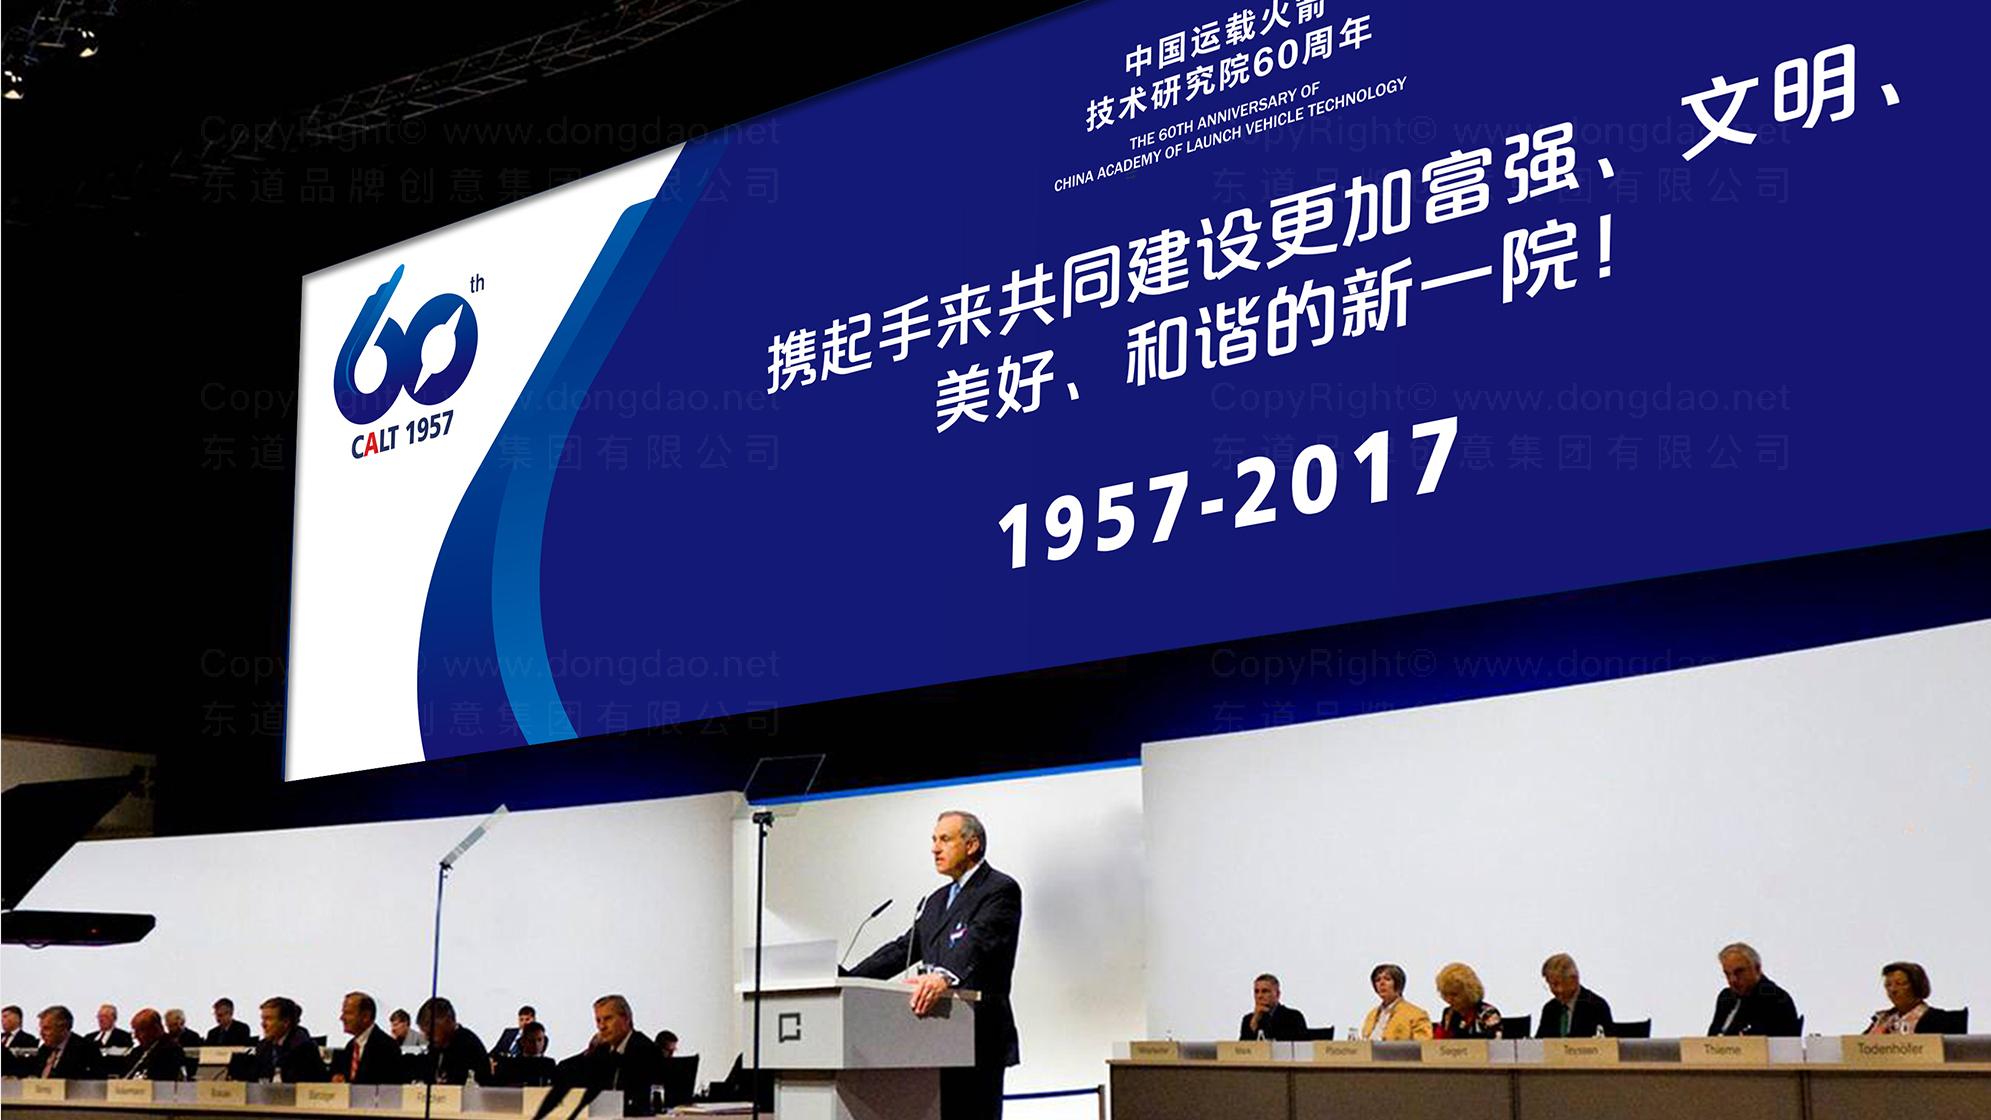 品牌设计中国火箭LOGO&VI设计应用场景_1